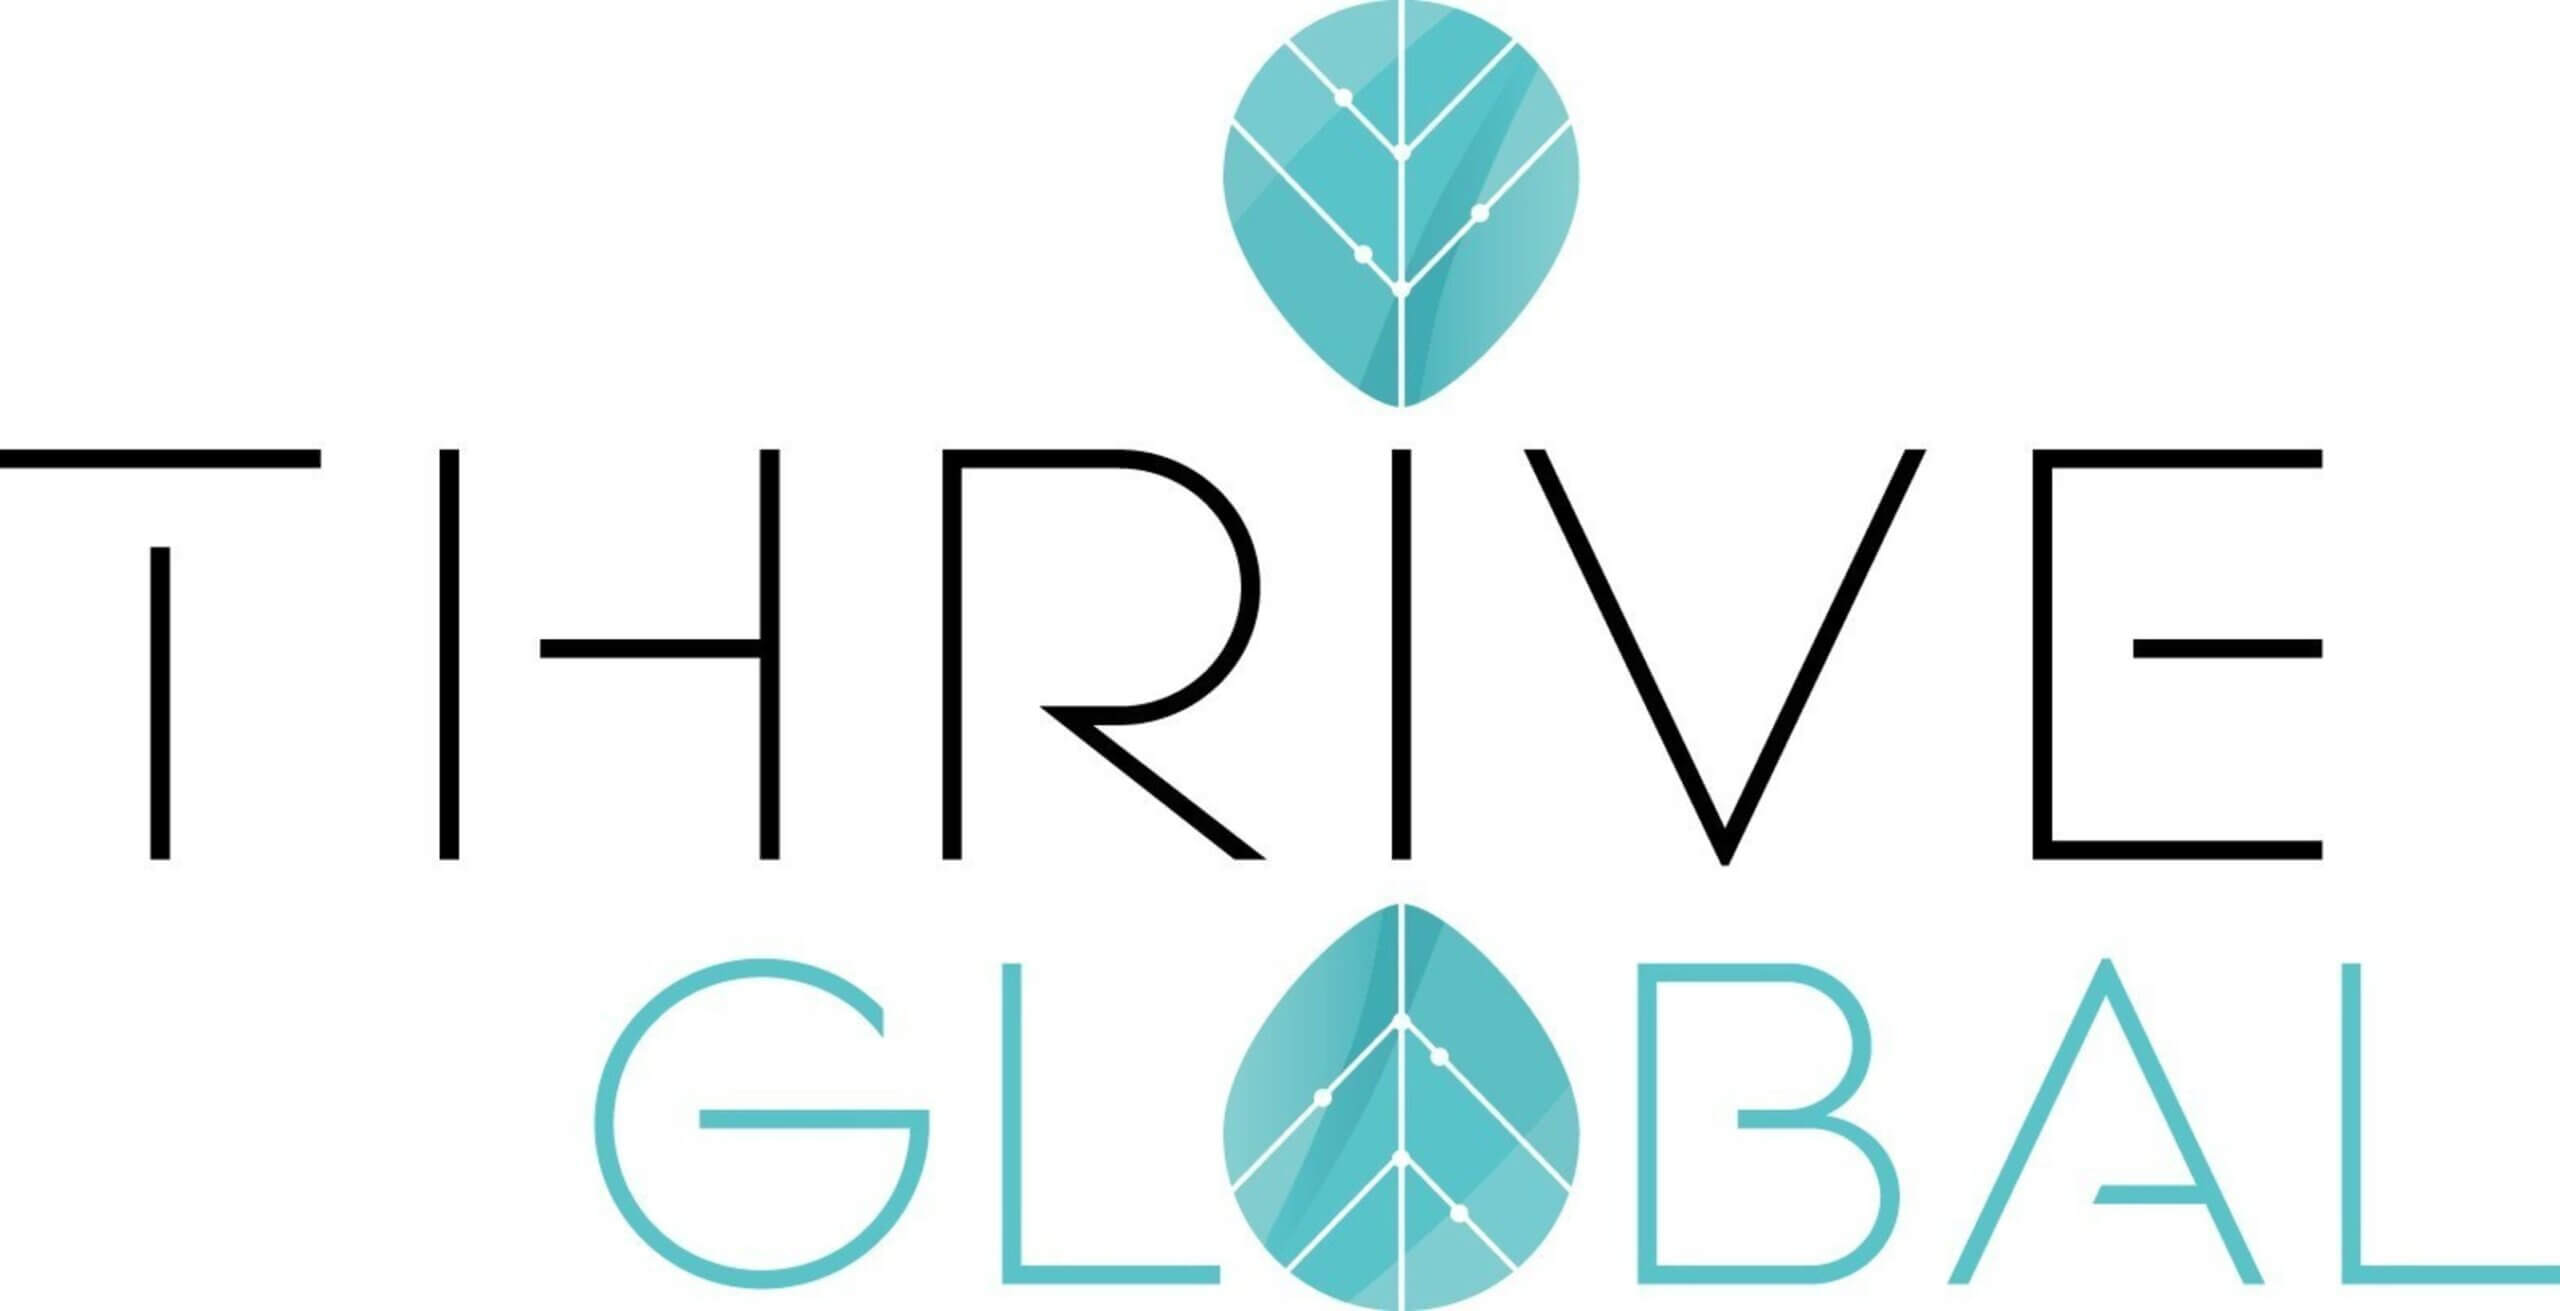 Thrive Global